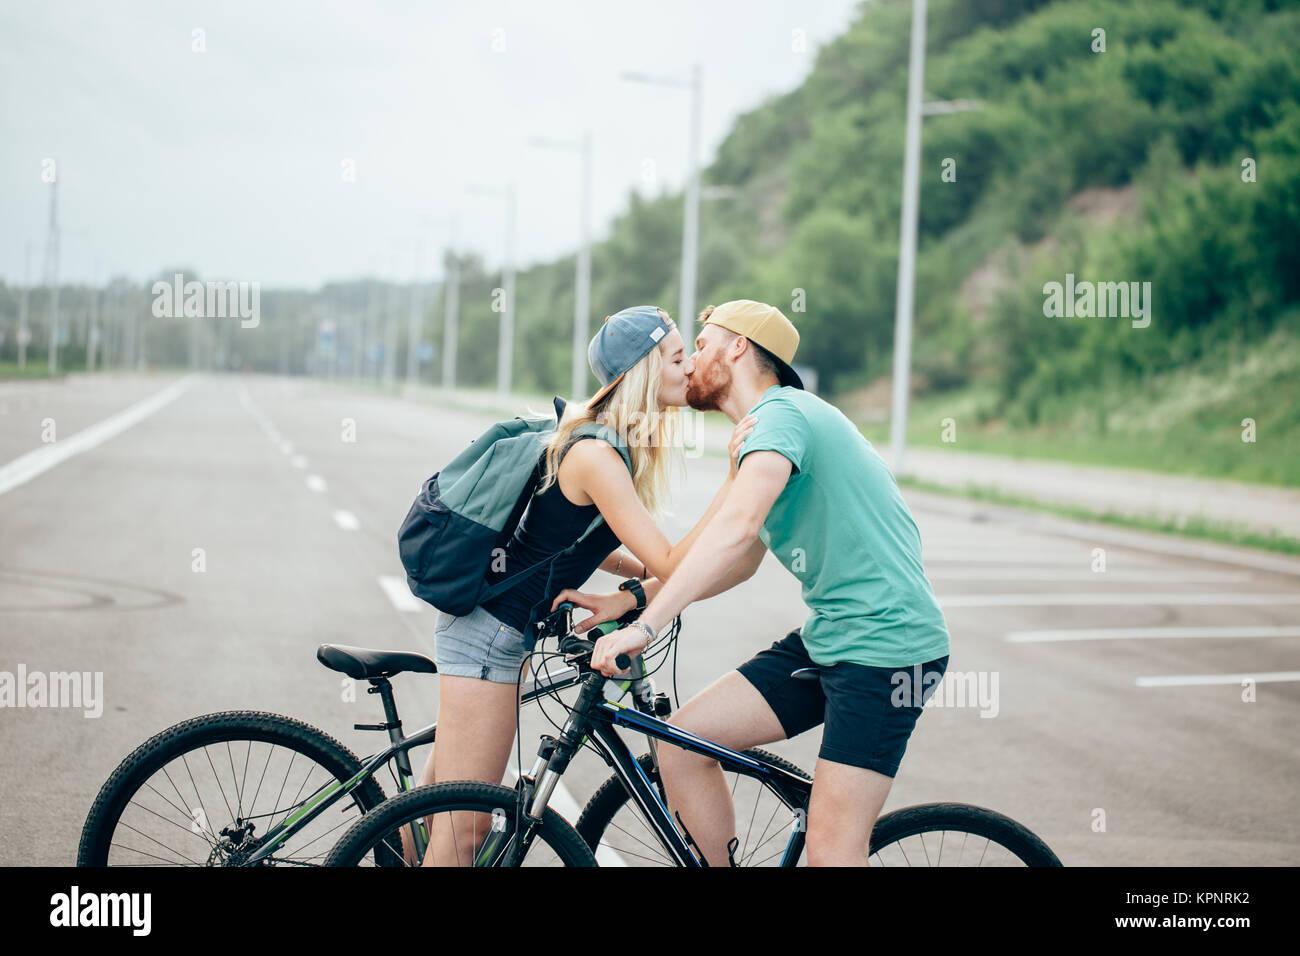 Romantico sport giovane kissing contro sfondo sfocato con biciclette Immagini Stock